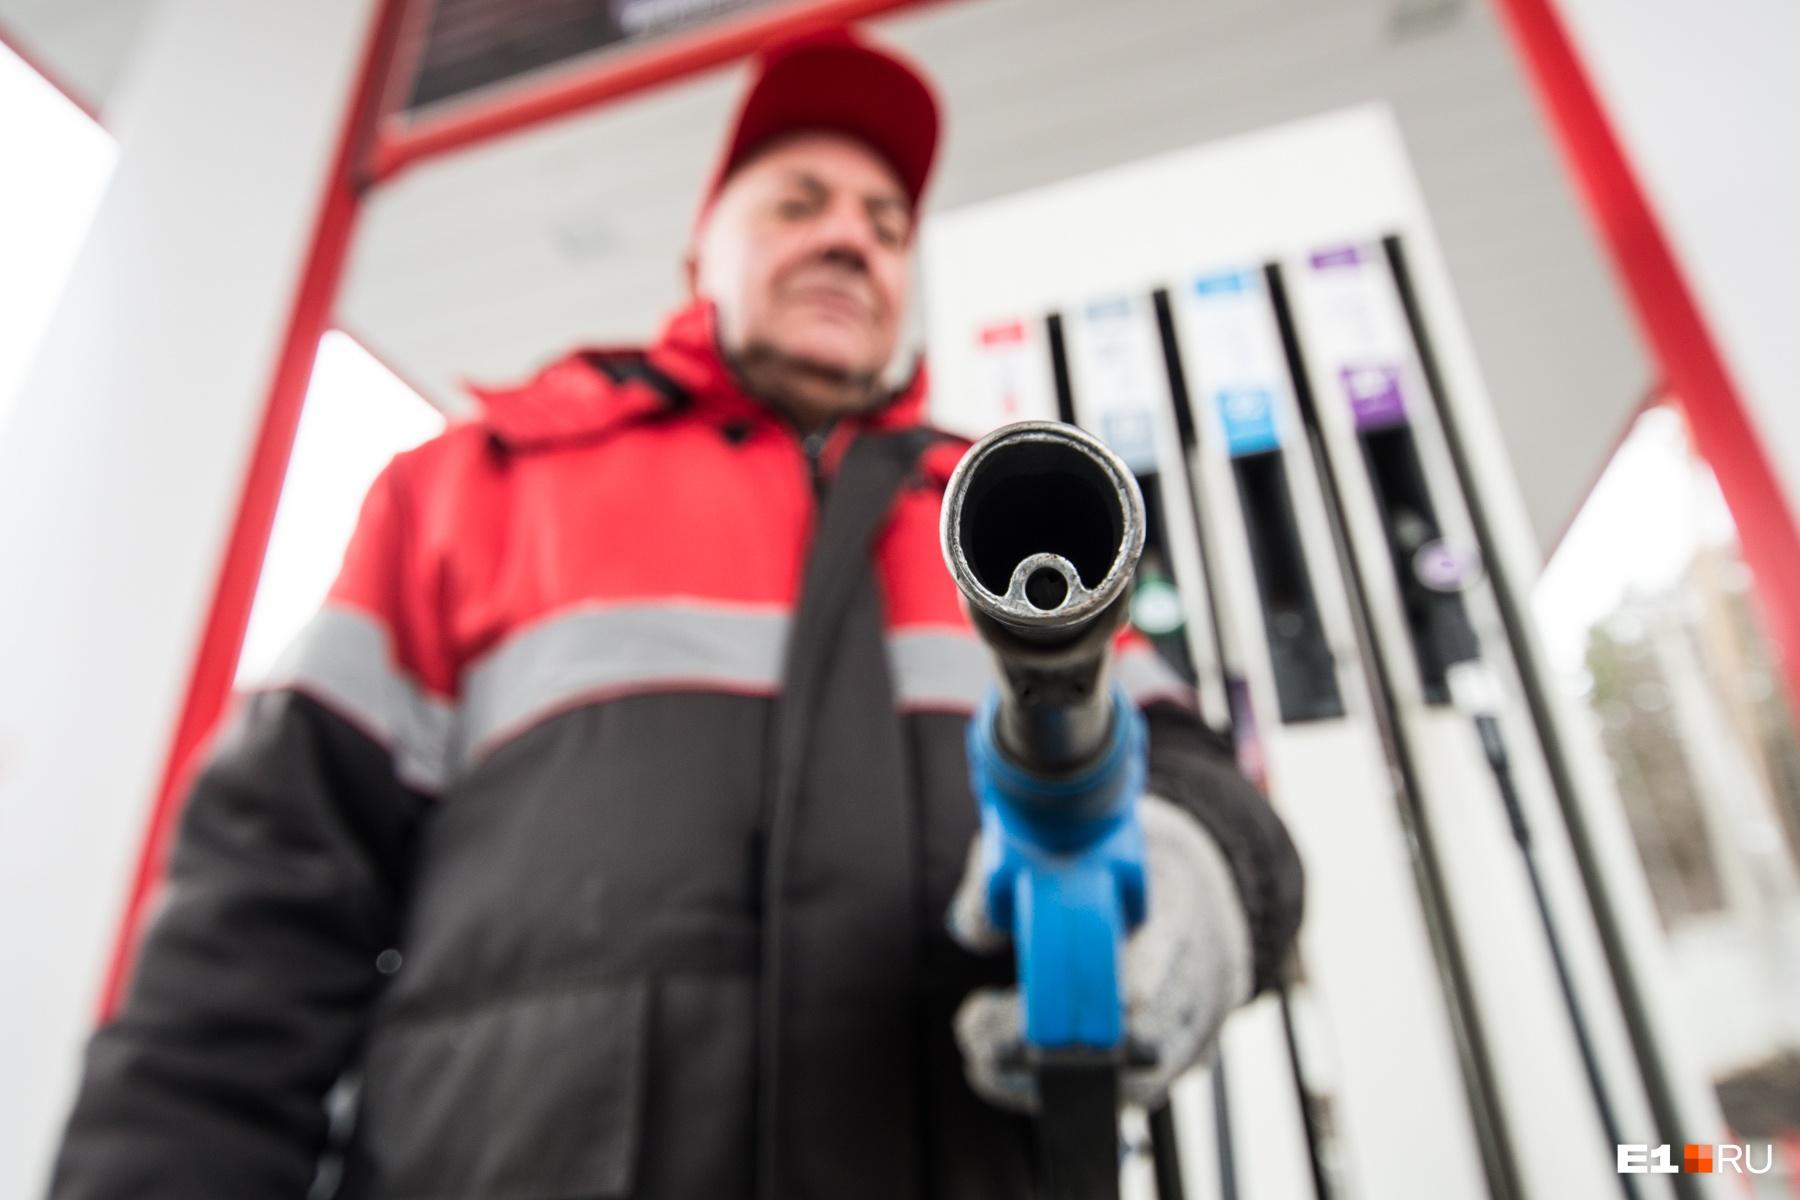 Если работодатель не оплачивает бензин, пересаживайтесь со своего авто на общественный транспорт